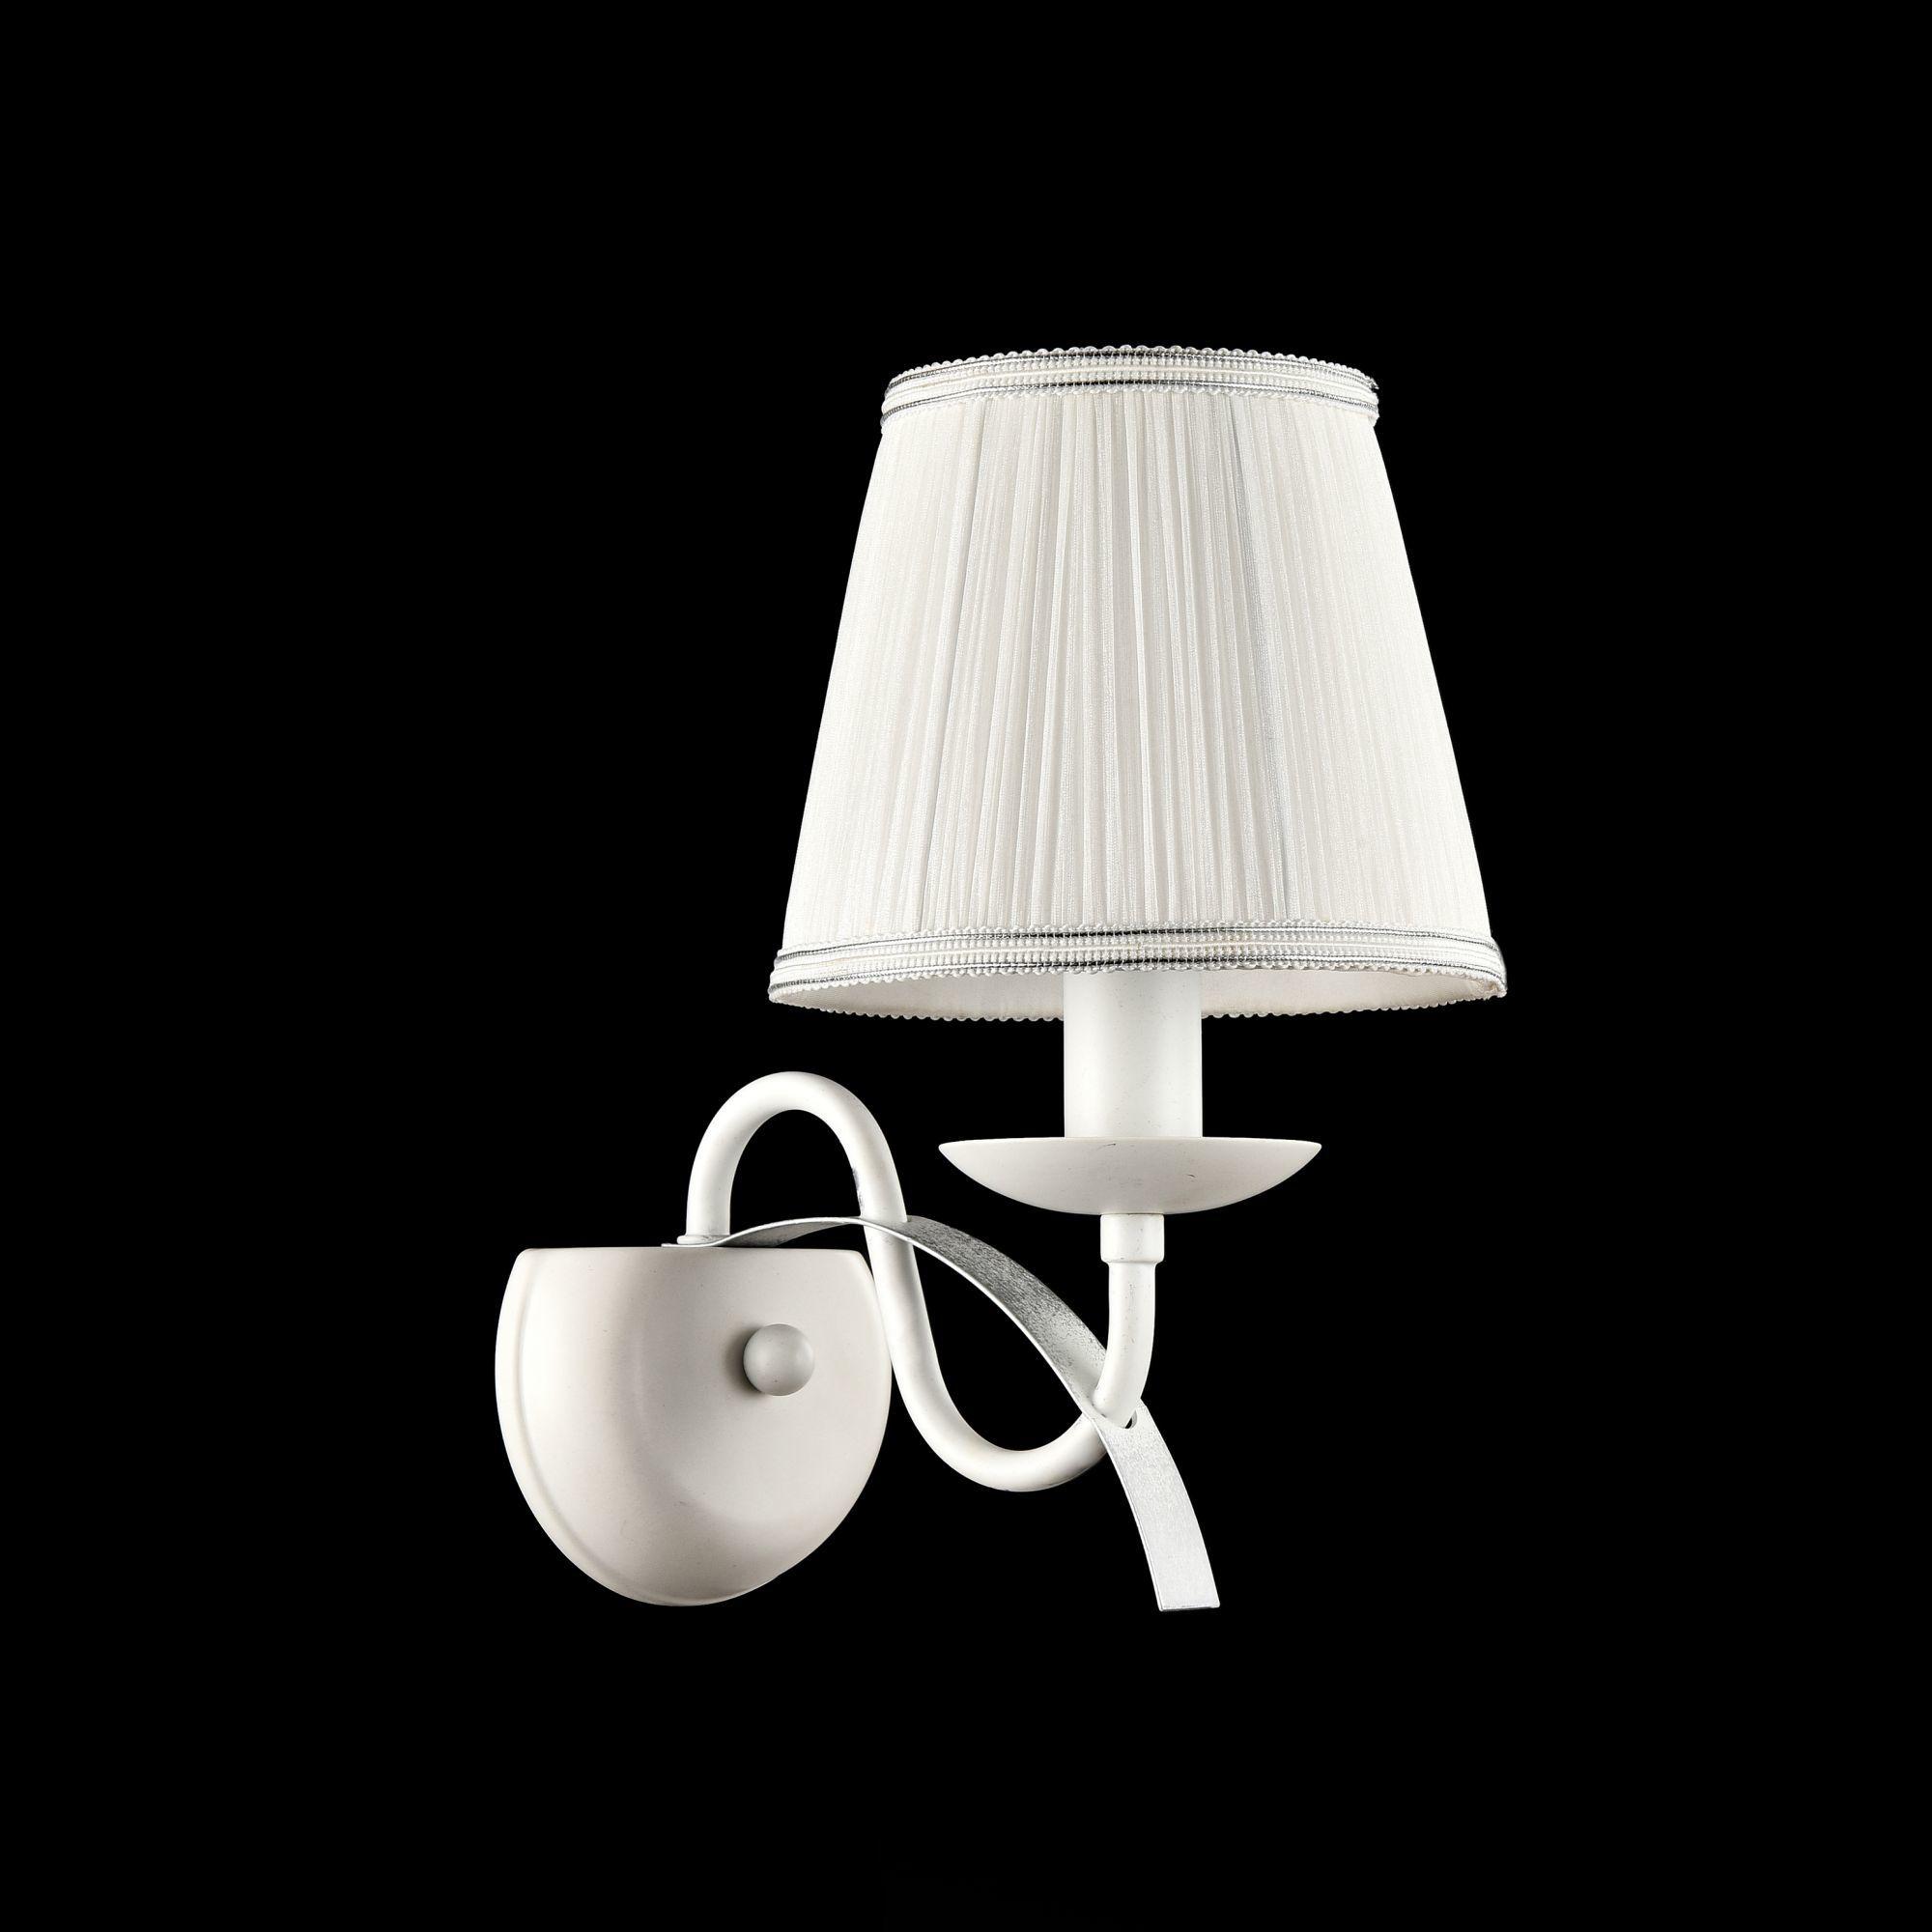 Бра Freya Diana FR5569-WL-01-W (fr569-01-w), 1xE14x40W, белый, серебро, металл, текстиль - фото 3